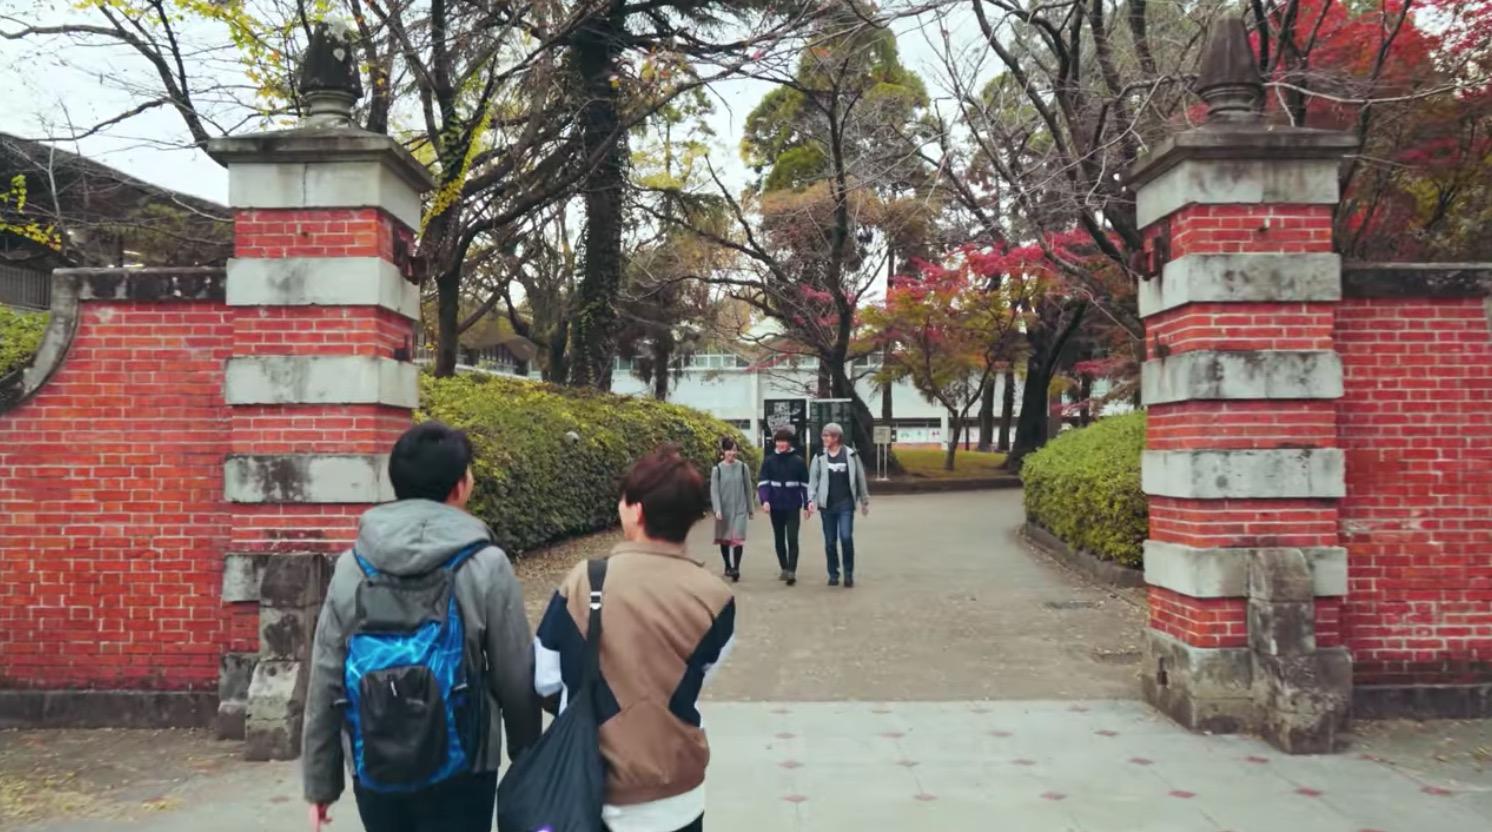 熊本大学を見てきたよ。国の重要文化財に指定されている建物が多数あるとばい!!